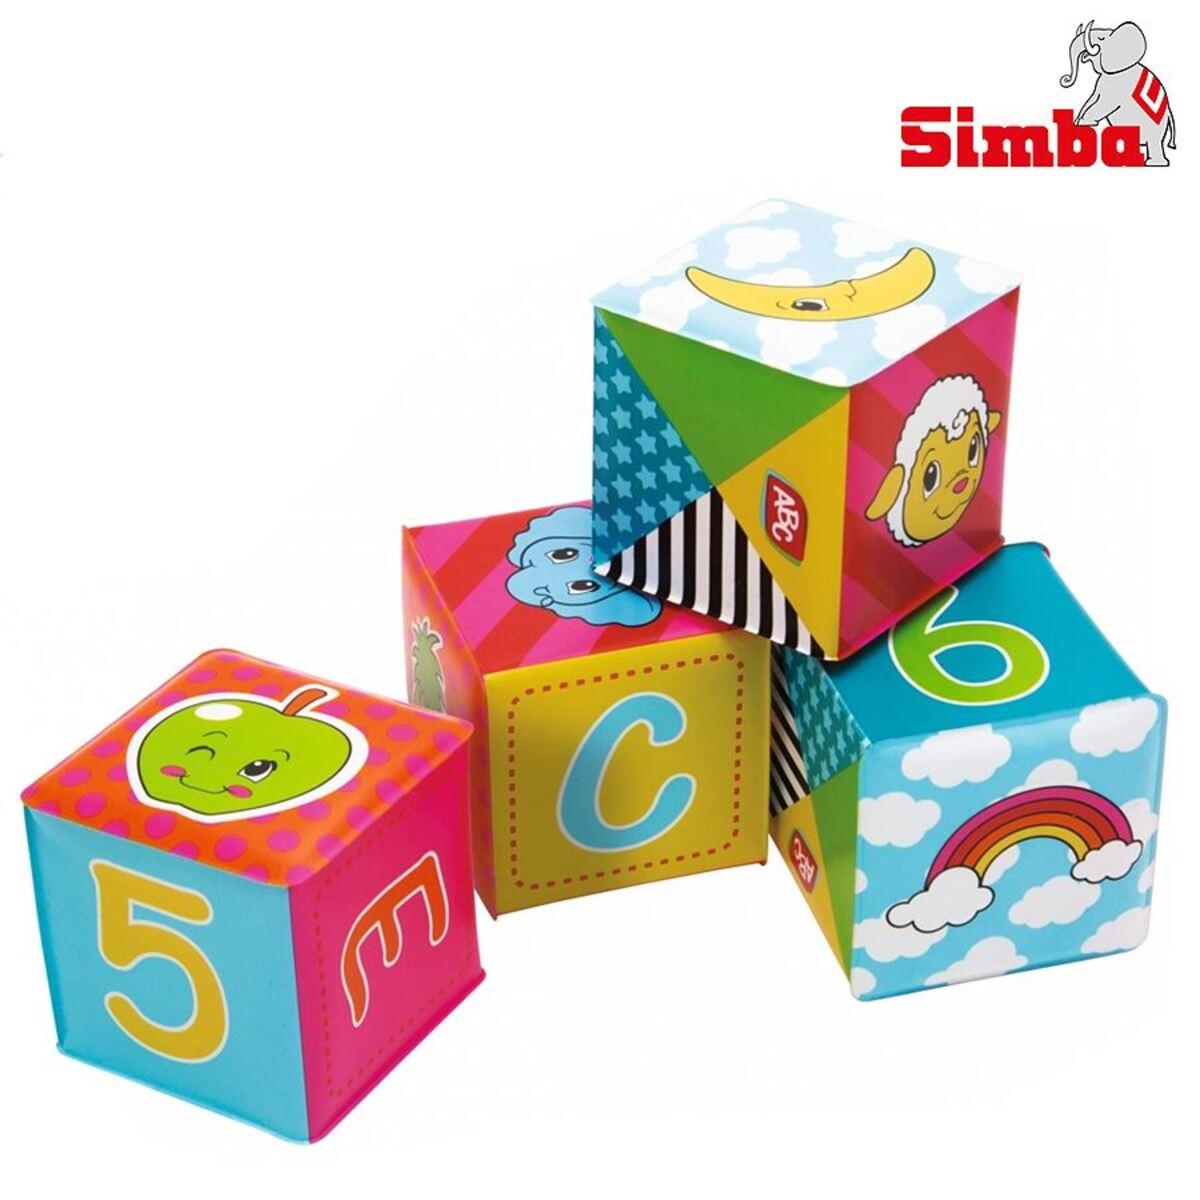 Bild 1 von Simba ABC weiche Spielwürfel 6er-Set